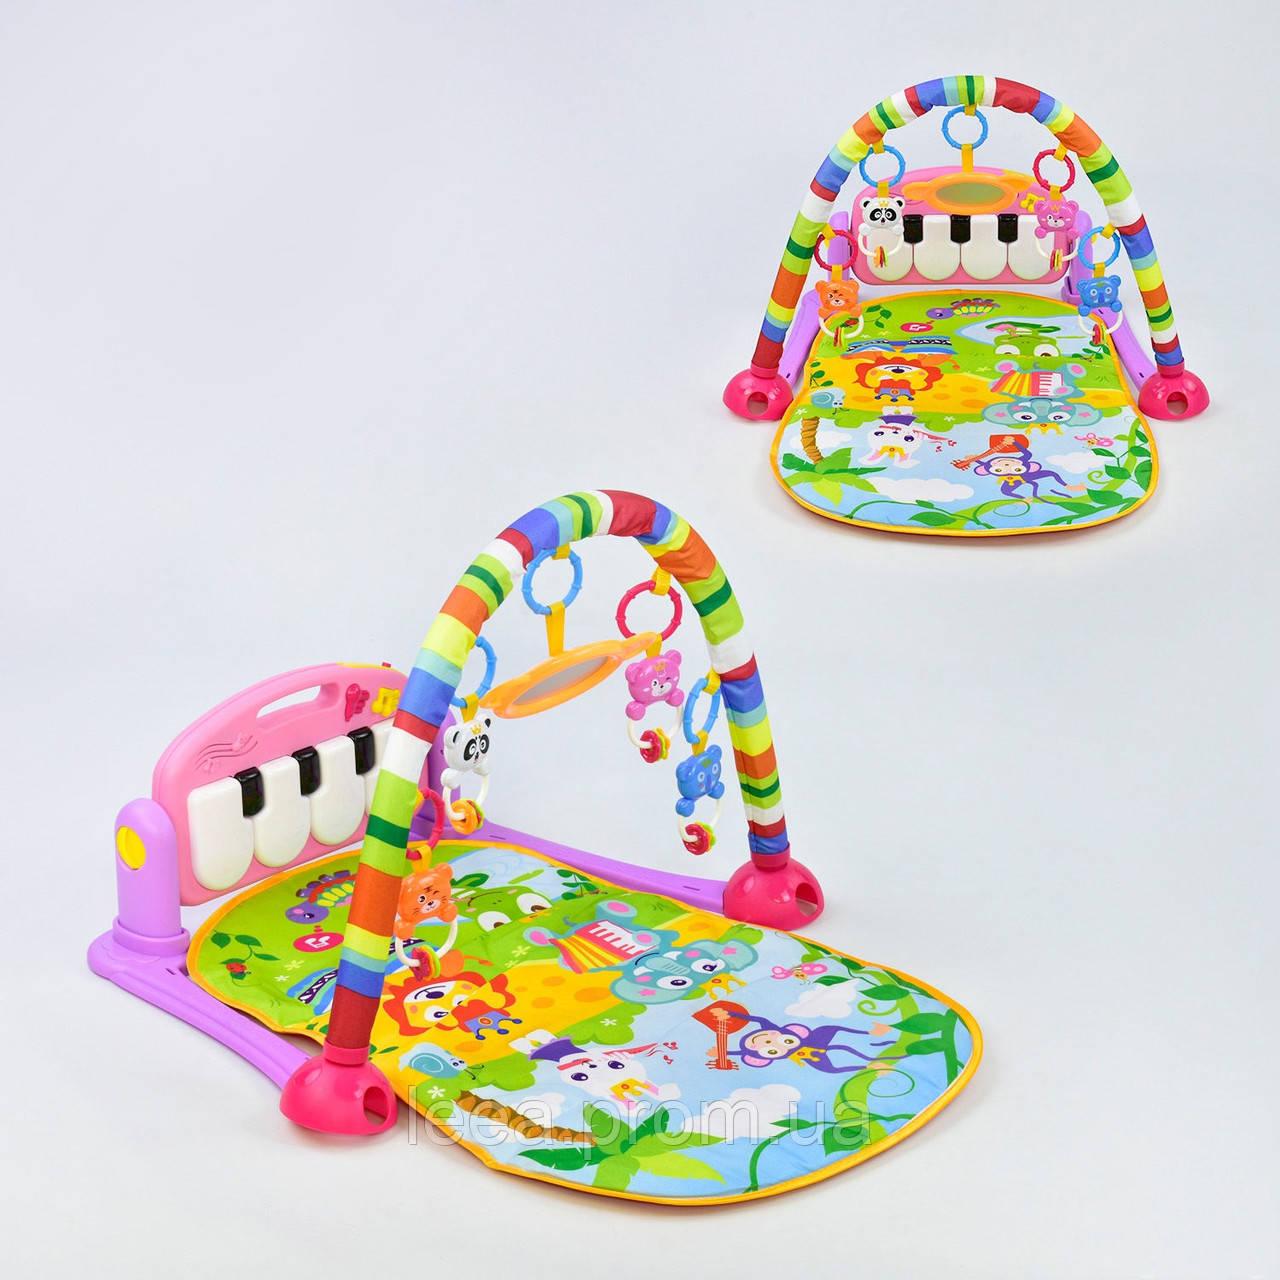 Яркий детский музыкальный коврик HE 0603 с пианино и подвесными игрушками розовый